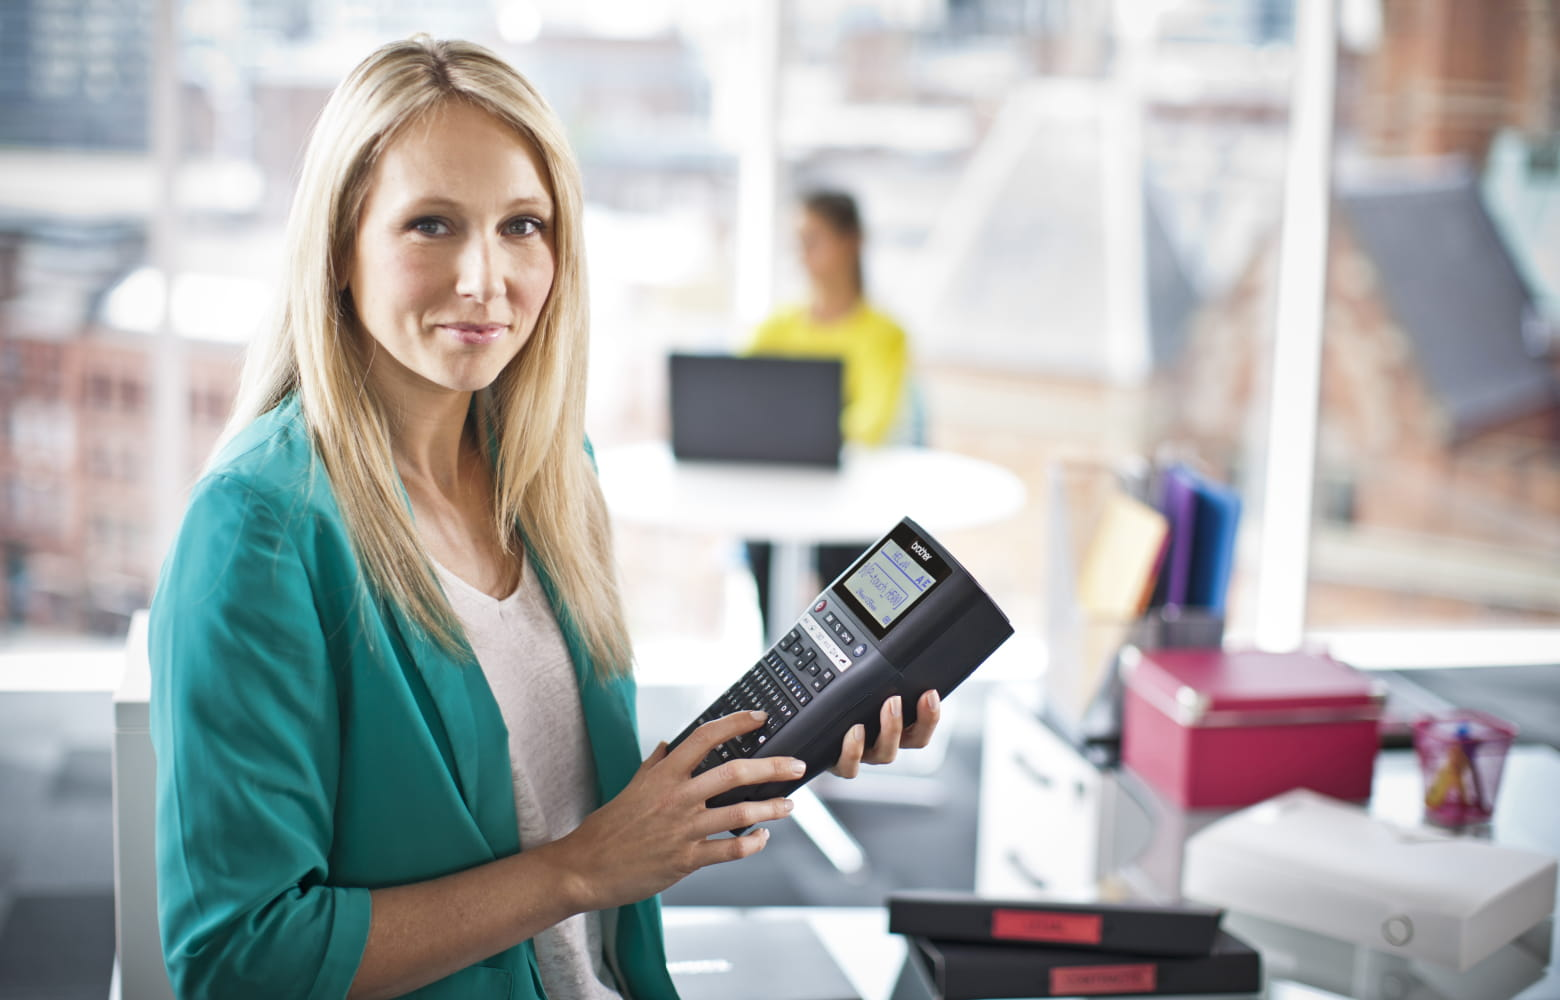 Kvinna i butik med Brother P-touch märkmaskin